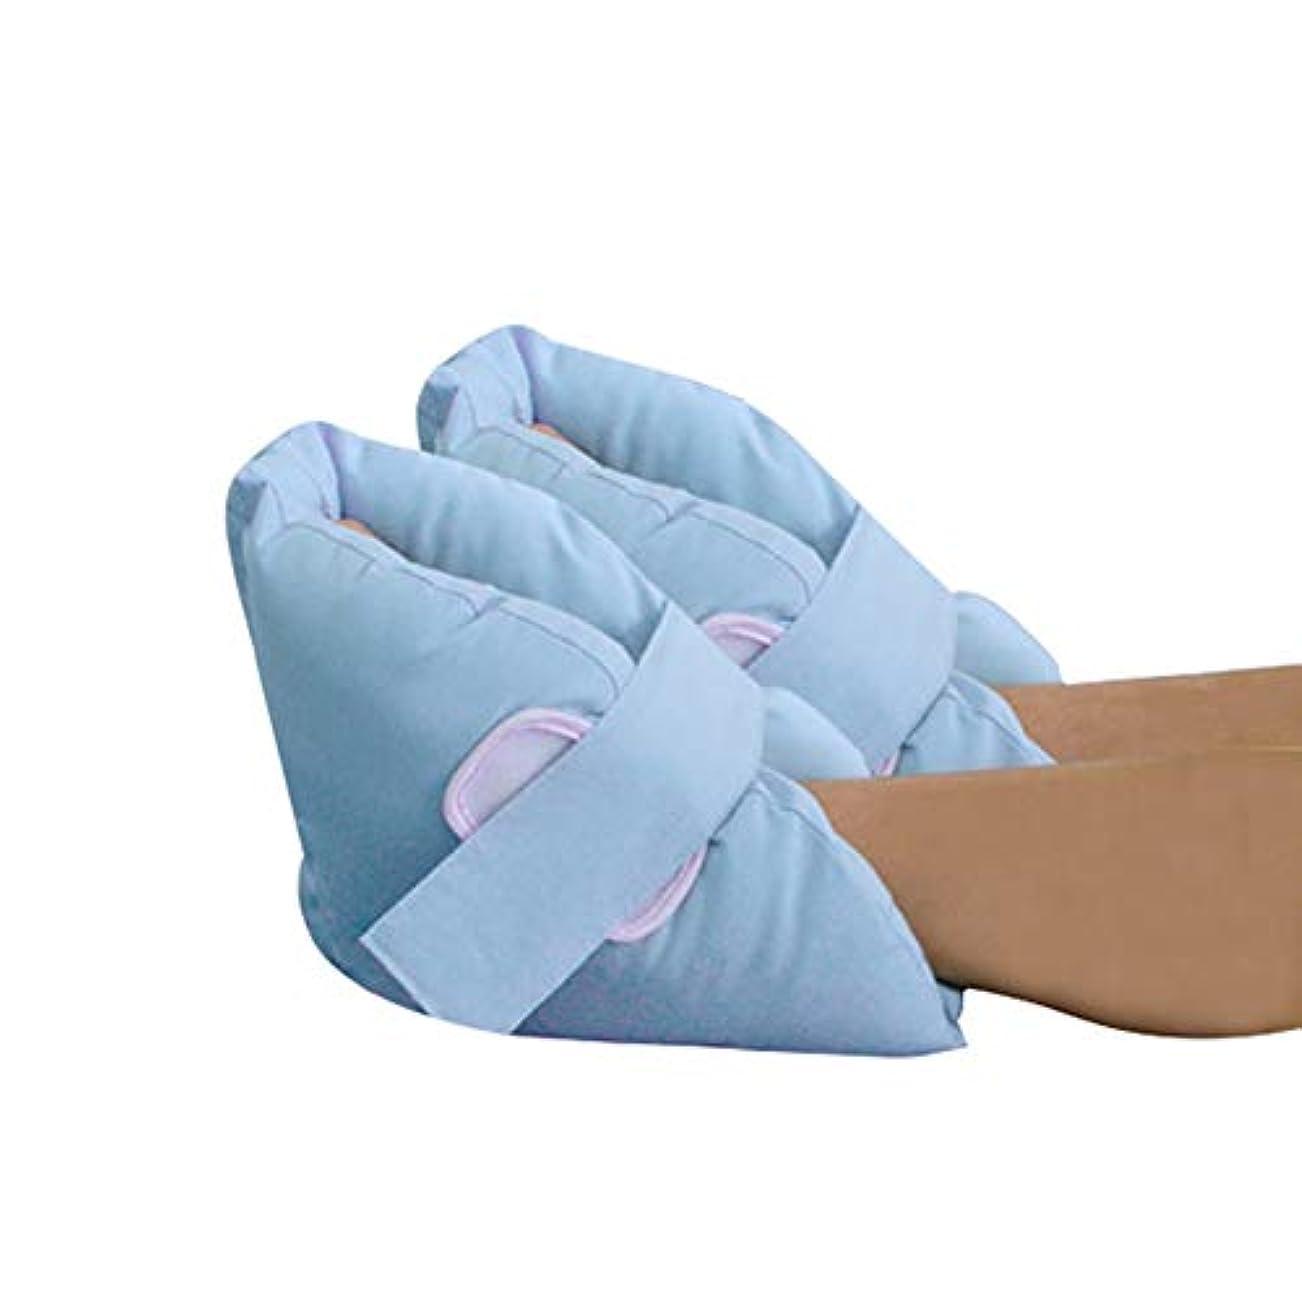 かるクランシー高さソフト慰めヒールプロテクター枕、足首サポート枕フットプロテクション、1ペア、ライトブルー